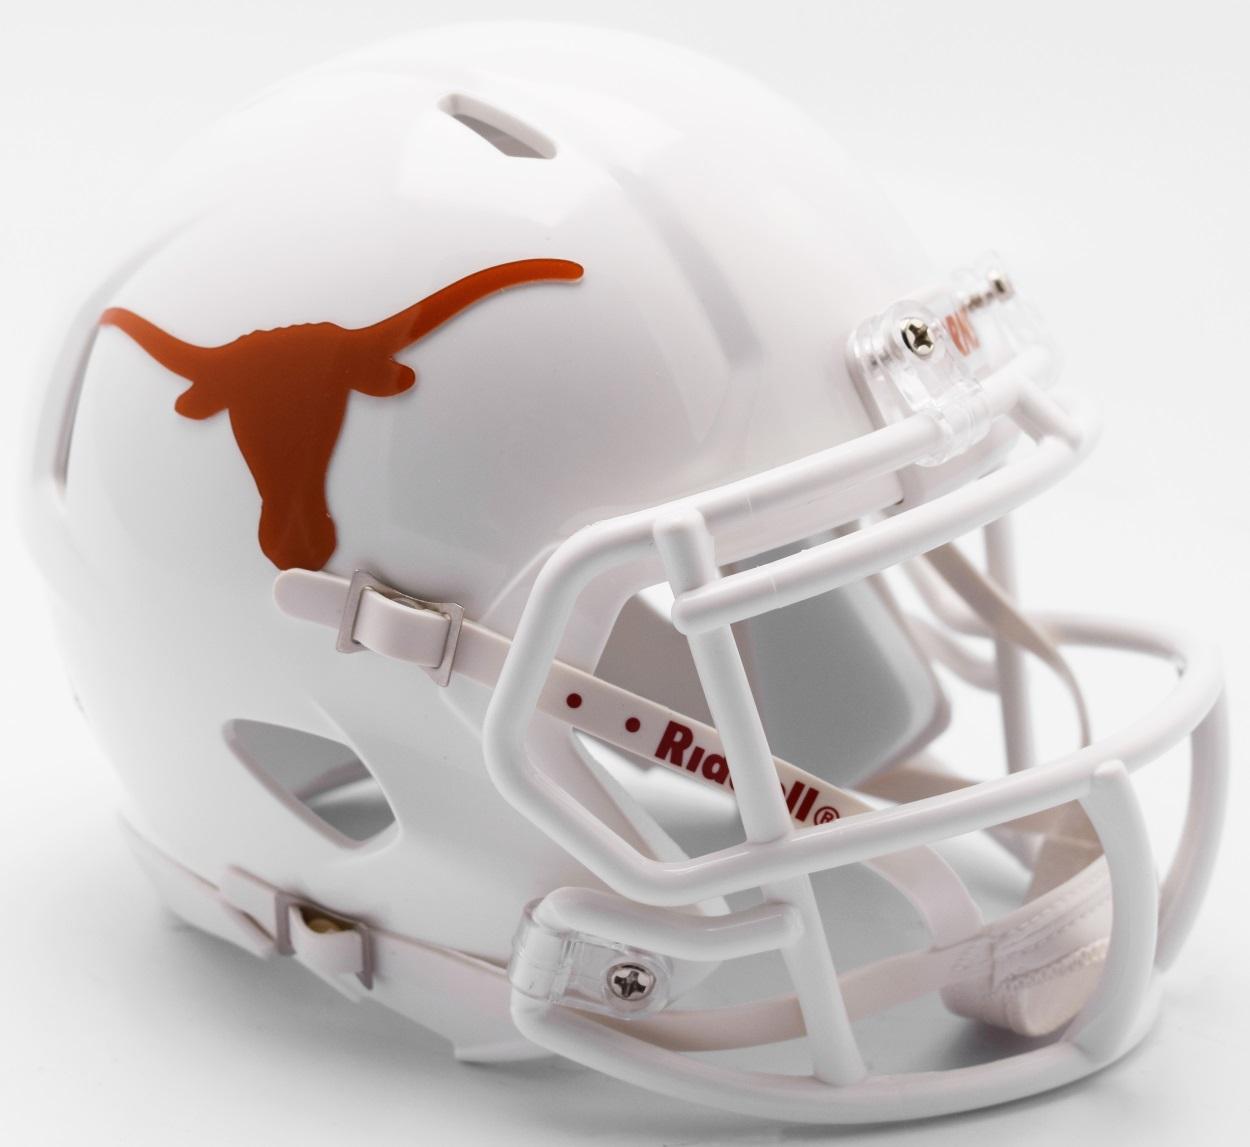 Texas Longhorns NCAA Mini Speed Football Helmet <B>NEW 2017</B>